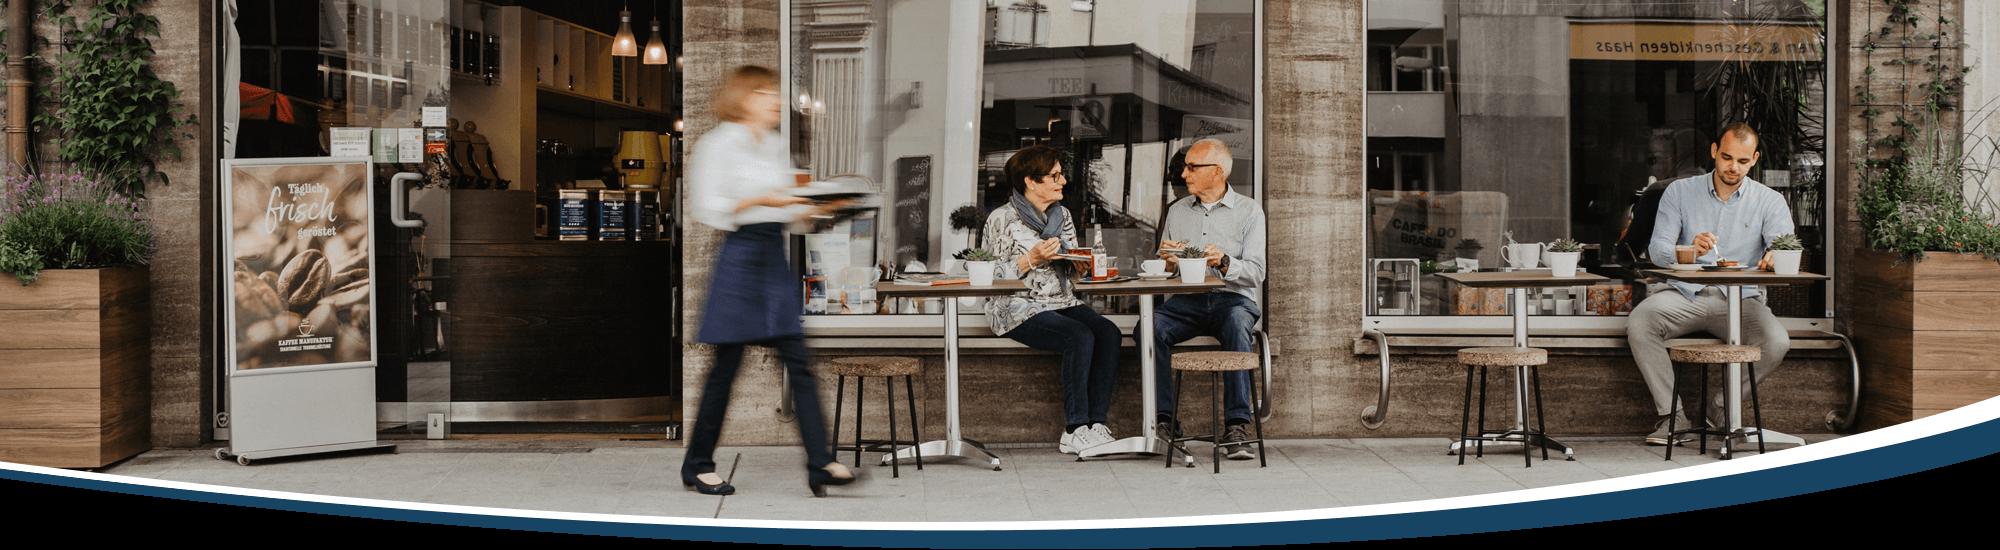 Vor der Kaffeerösterei sitzen Gäste und trinken Kaffee